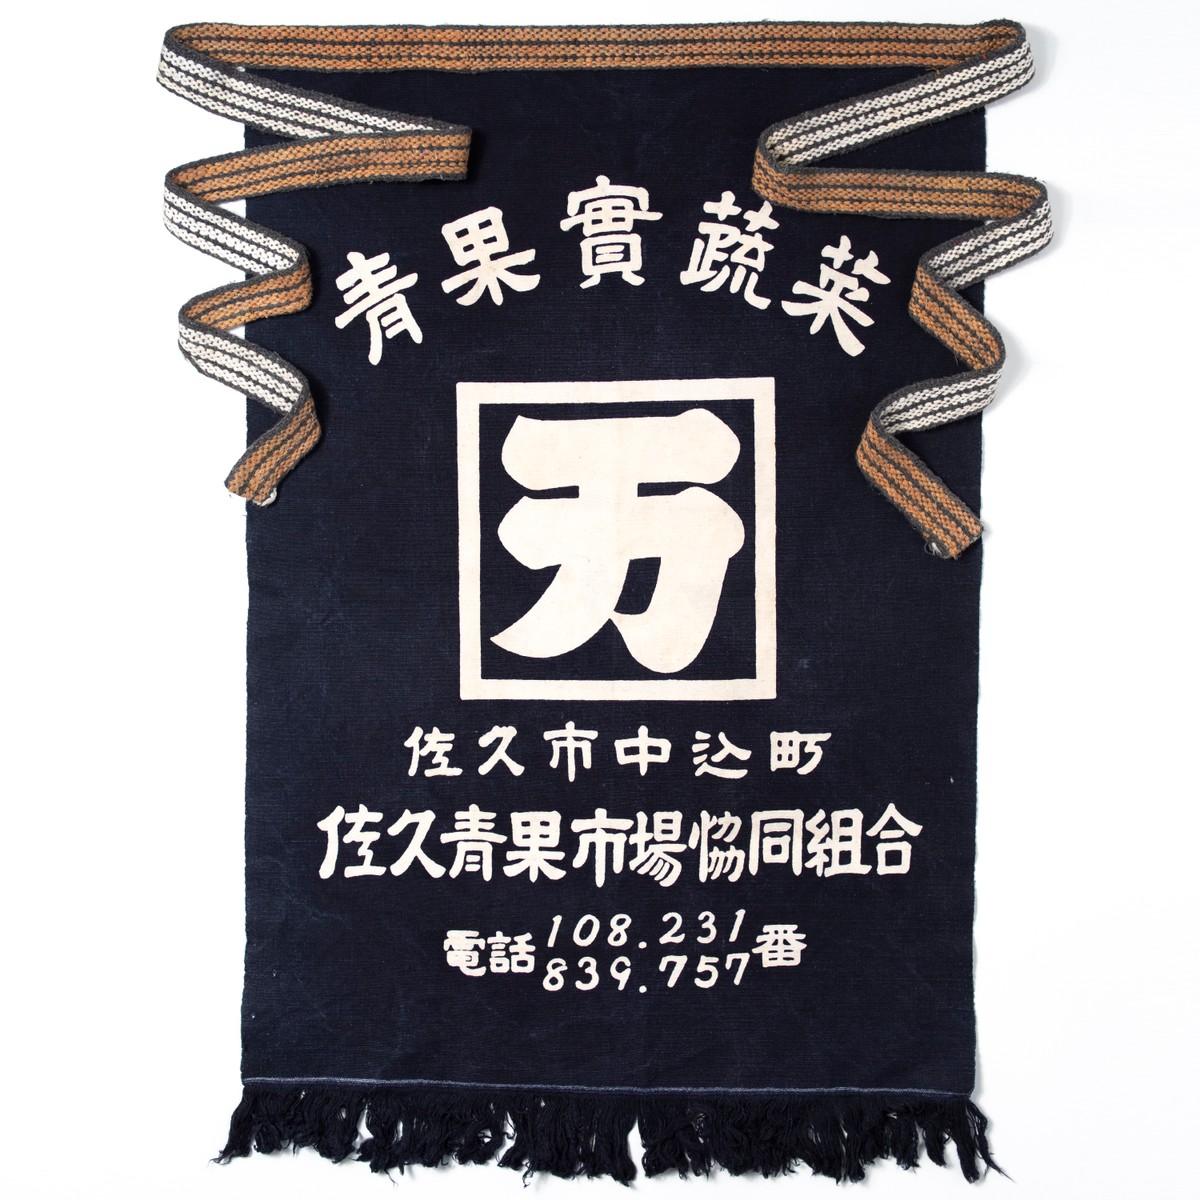 Photo of Vintage Maekake Apron: Saku Fruit & Veg Cooperative